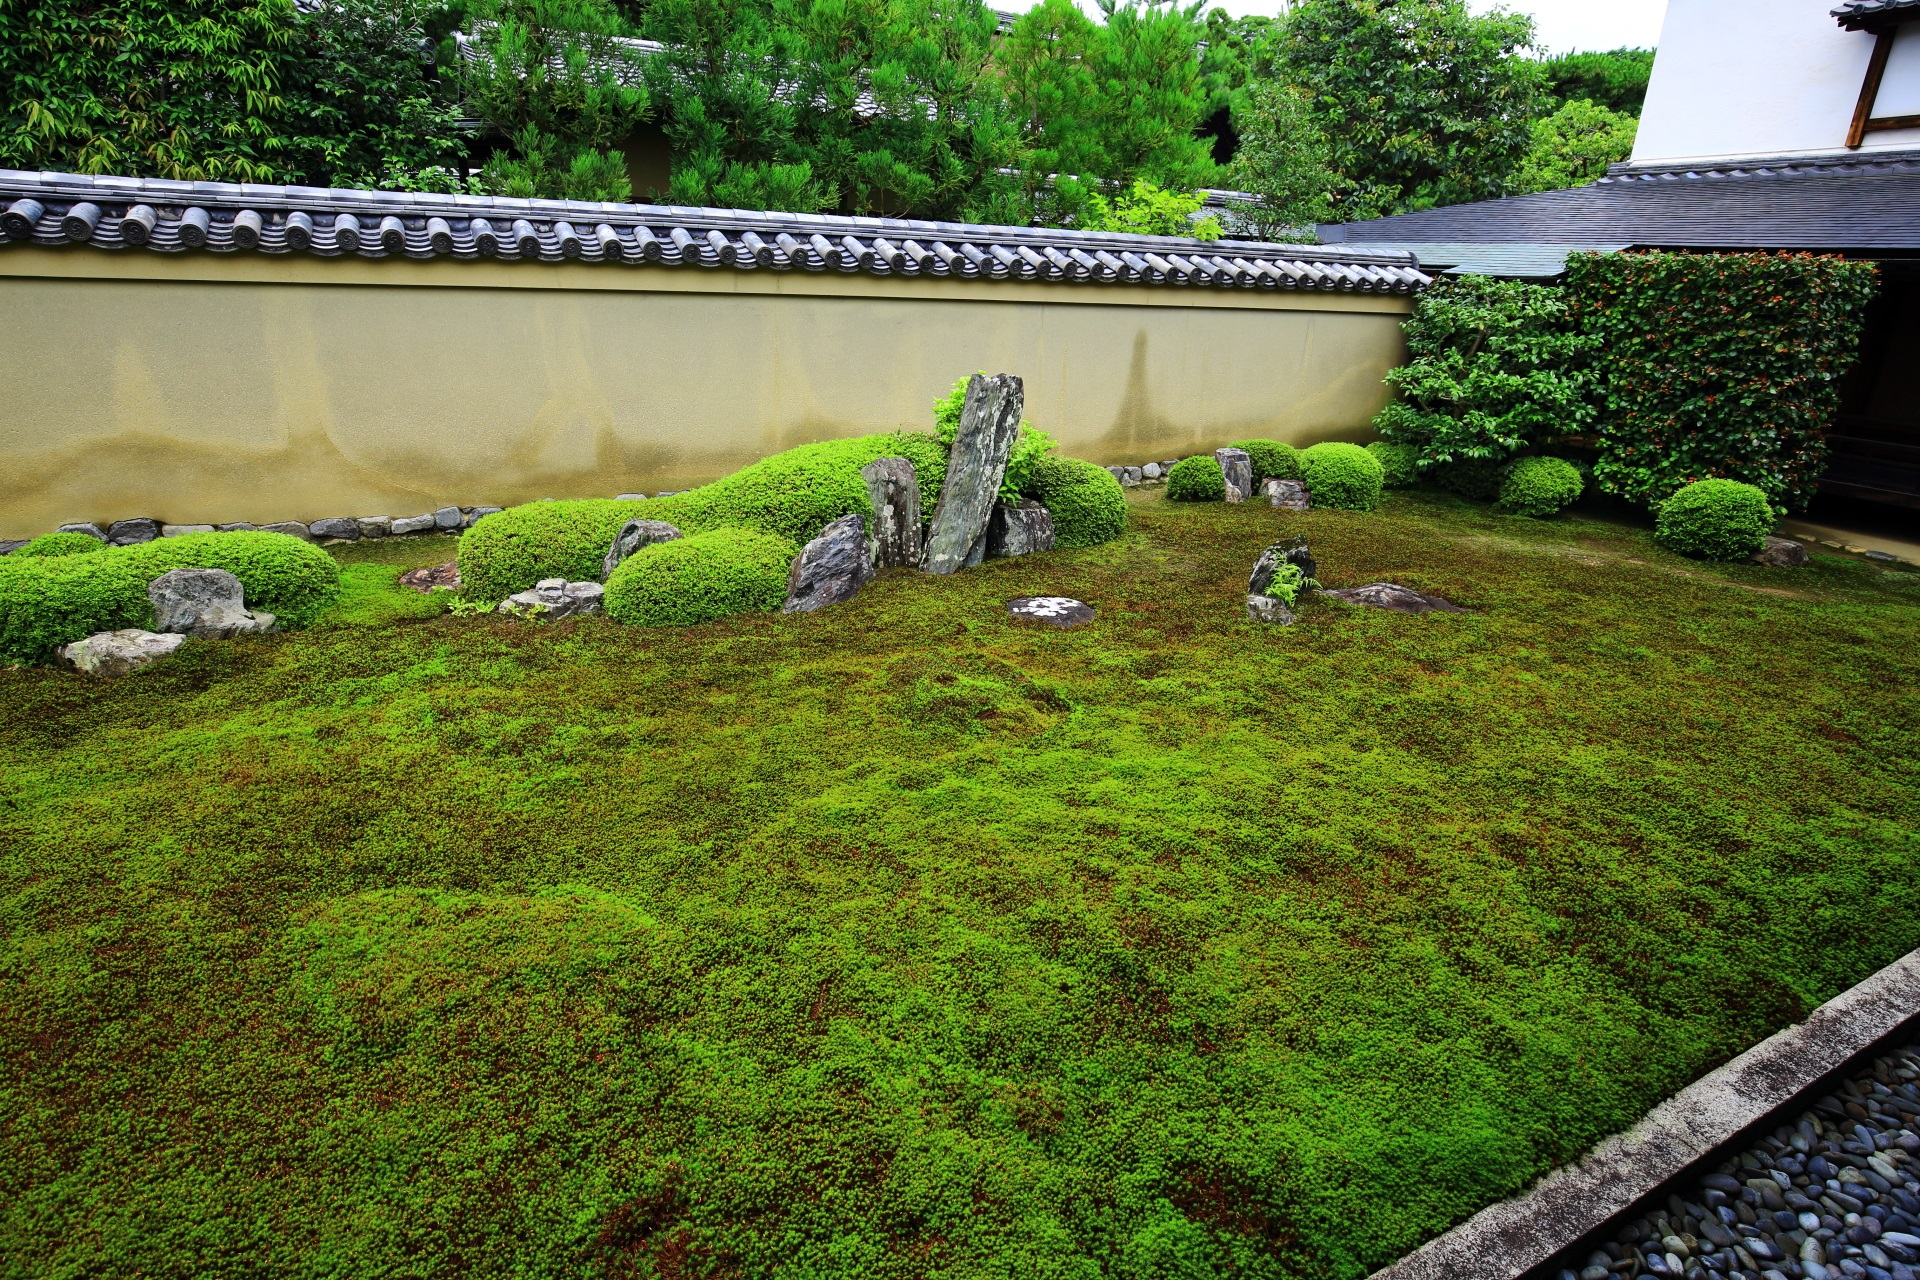 苔に覆われた緑の枯山水庭園の龍吟庭